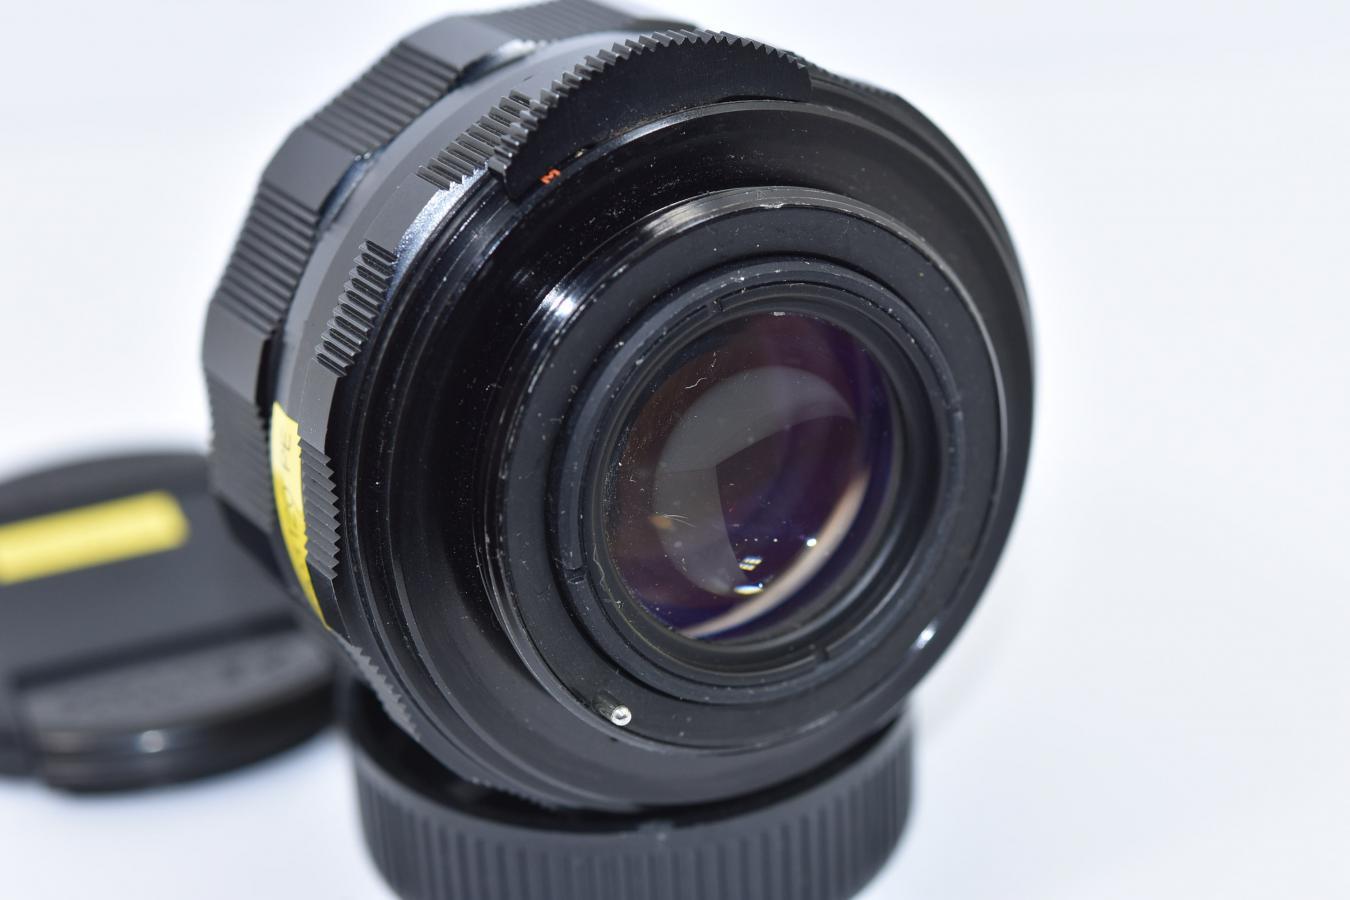 ペンタックス Super-Takumar 55mm F1.8 【カメラ女子に絶大な人気のオールドレンズ M42マウントレンズ】